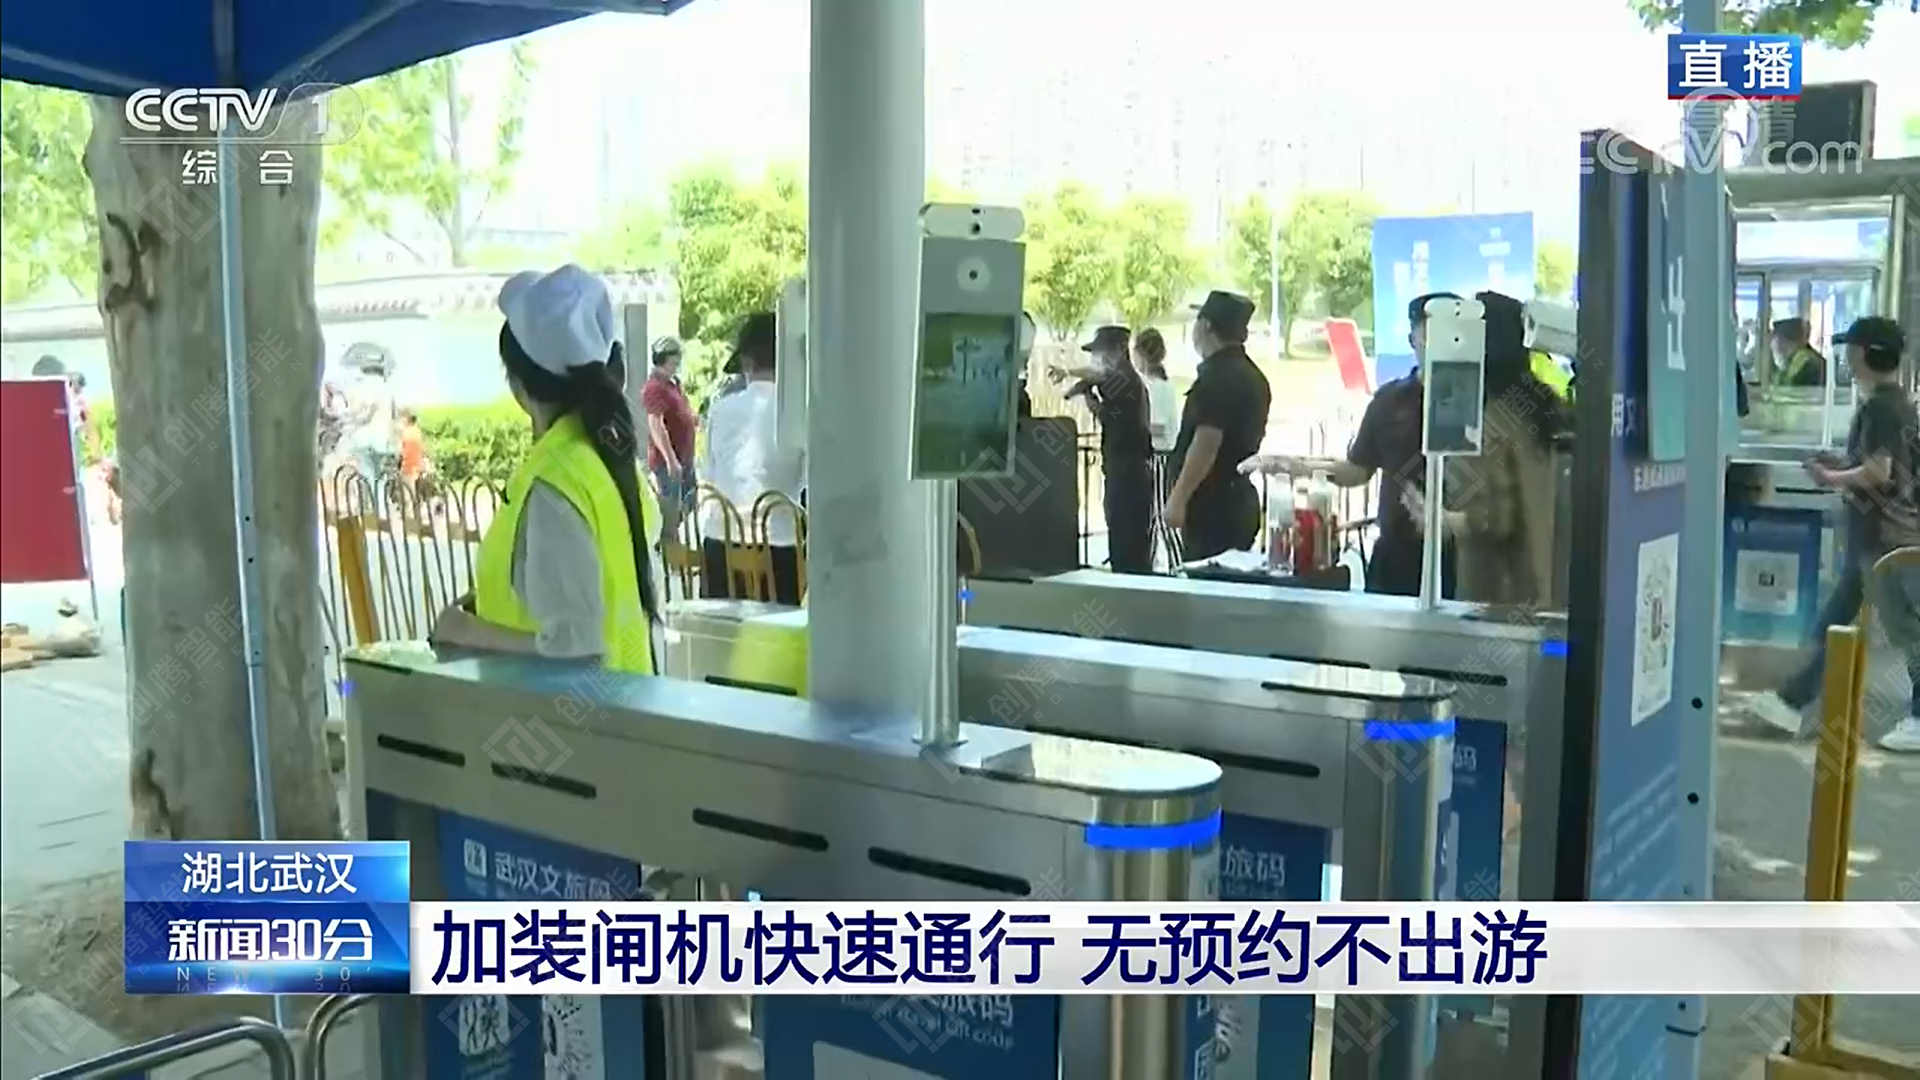 湖北武汉东湖景区绿道--CCTV播报